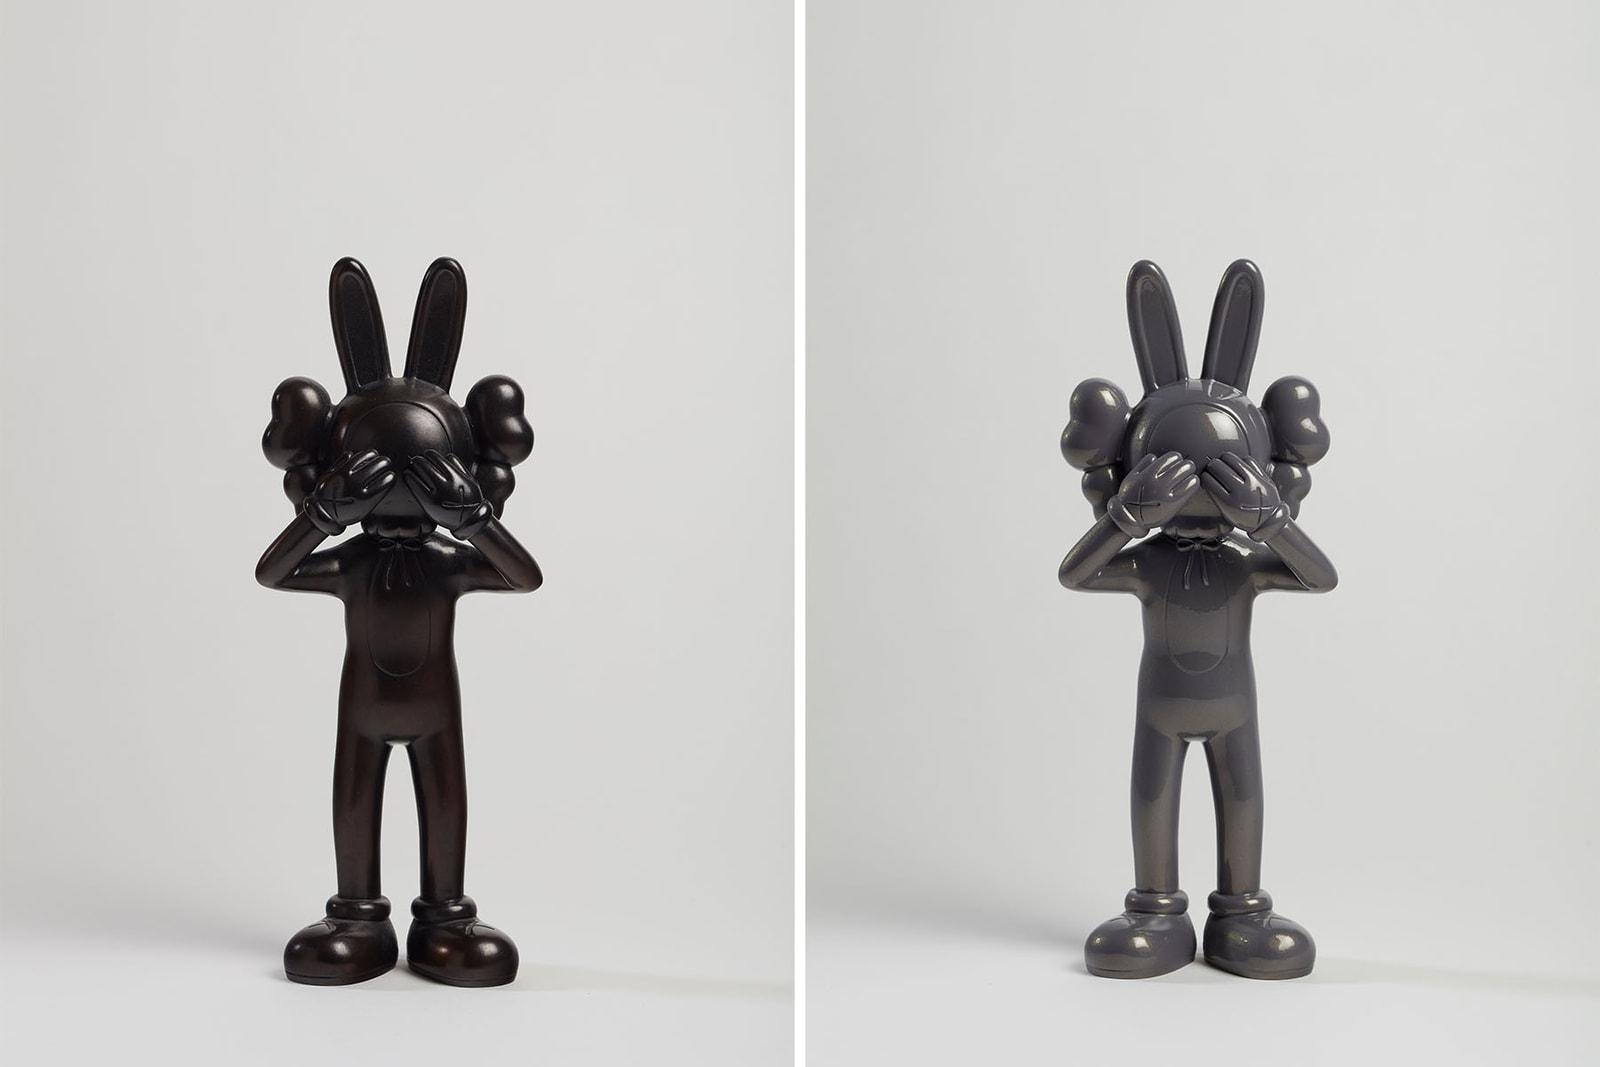 富藝斯拍賣即將開催!十件不容錯過之當代藝術品